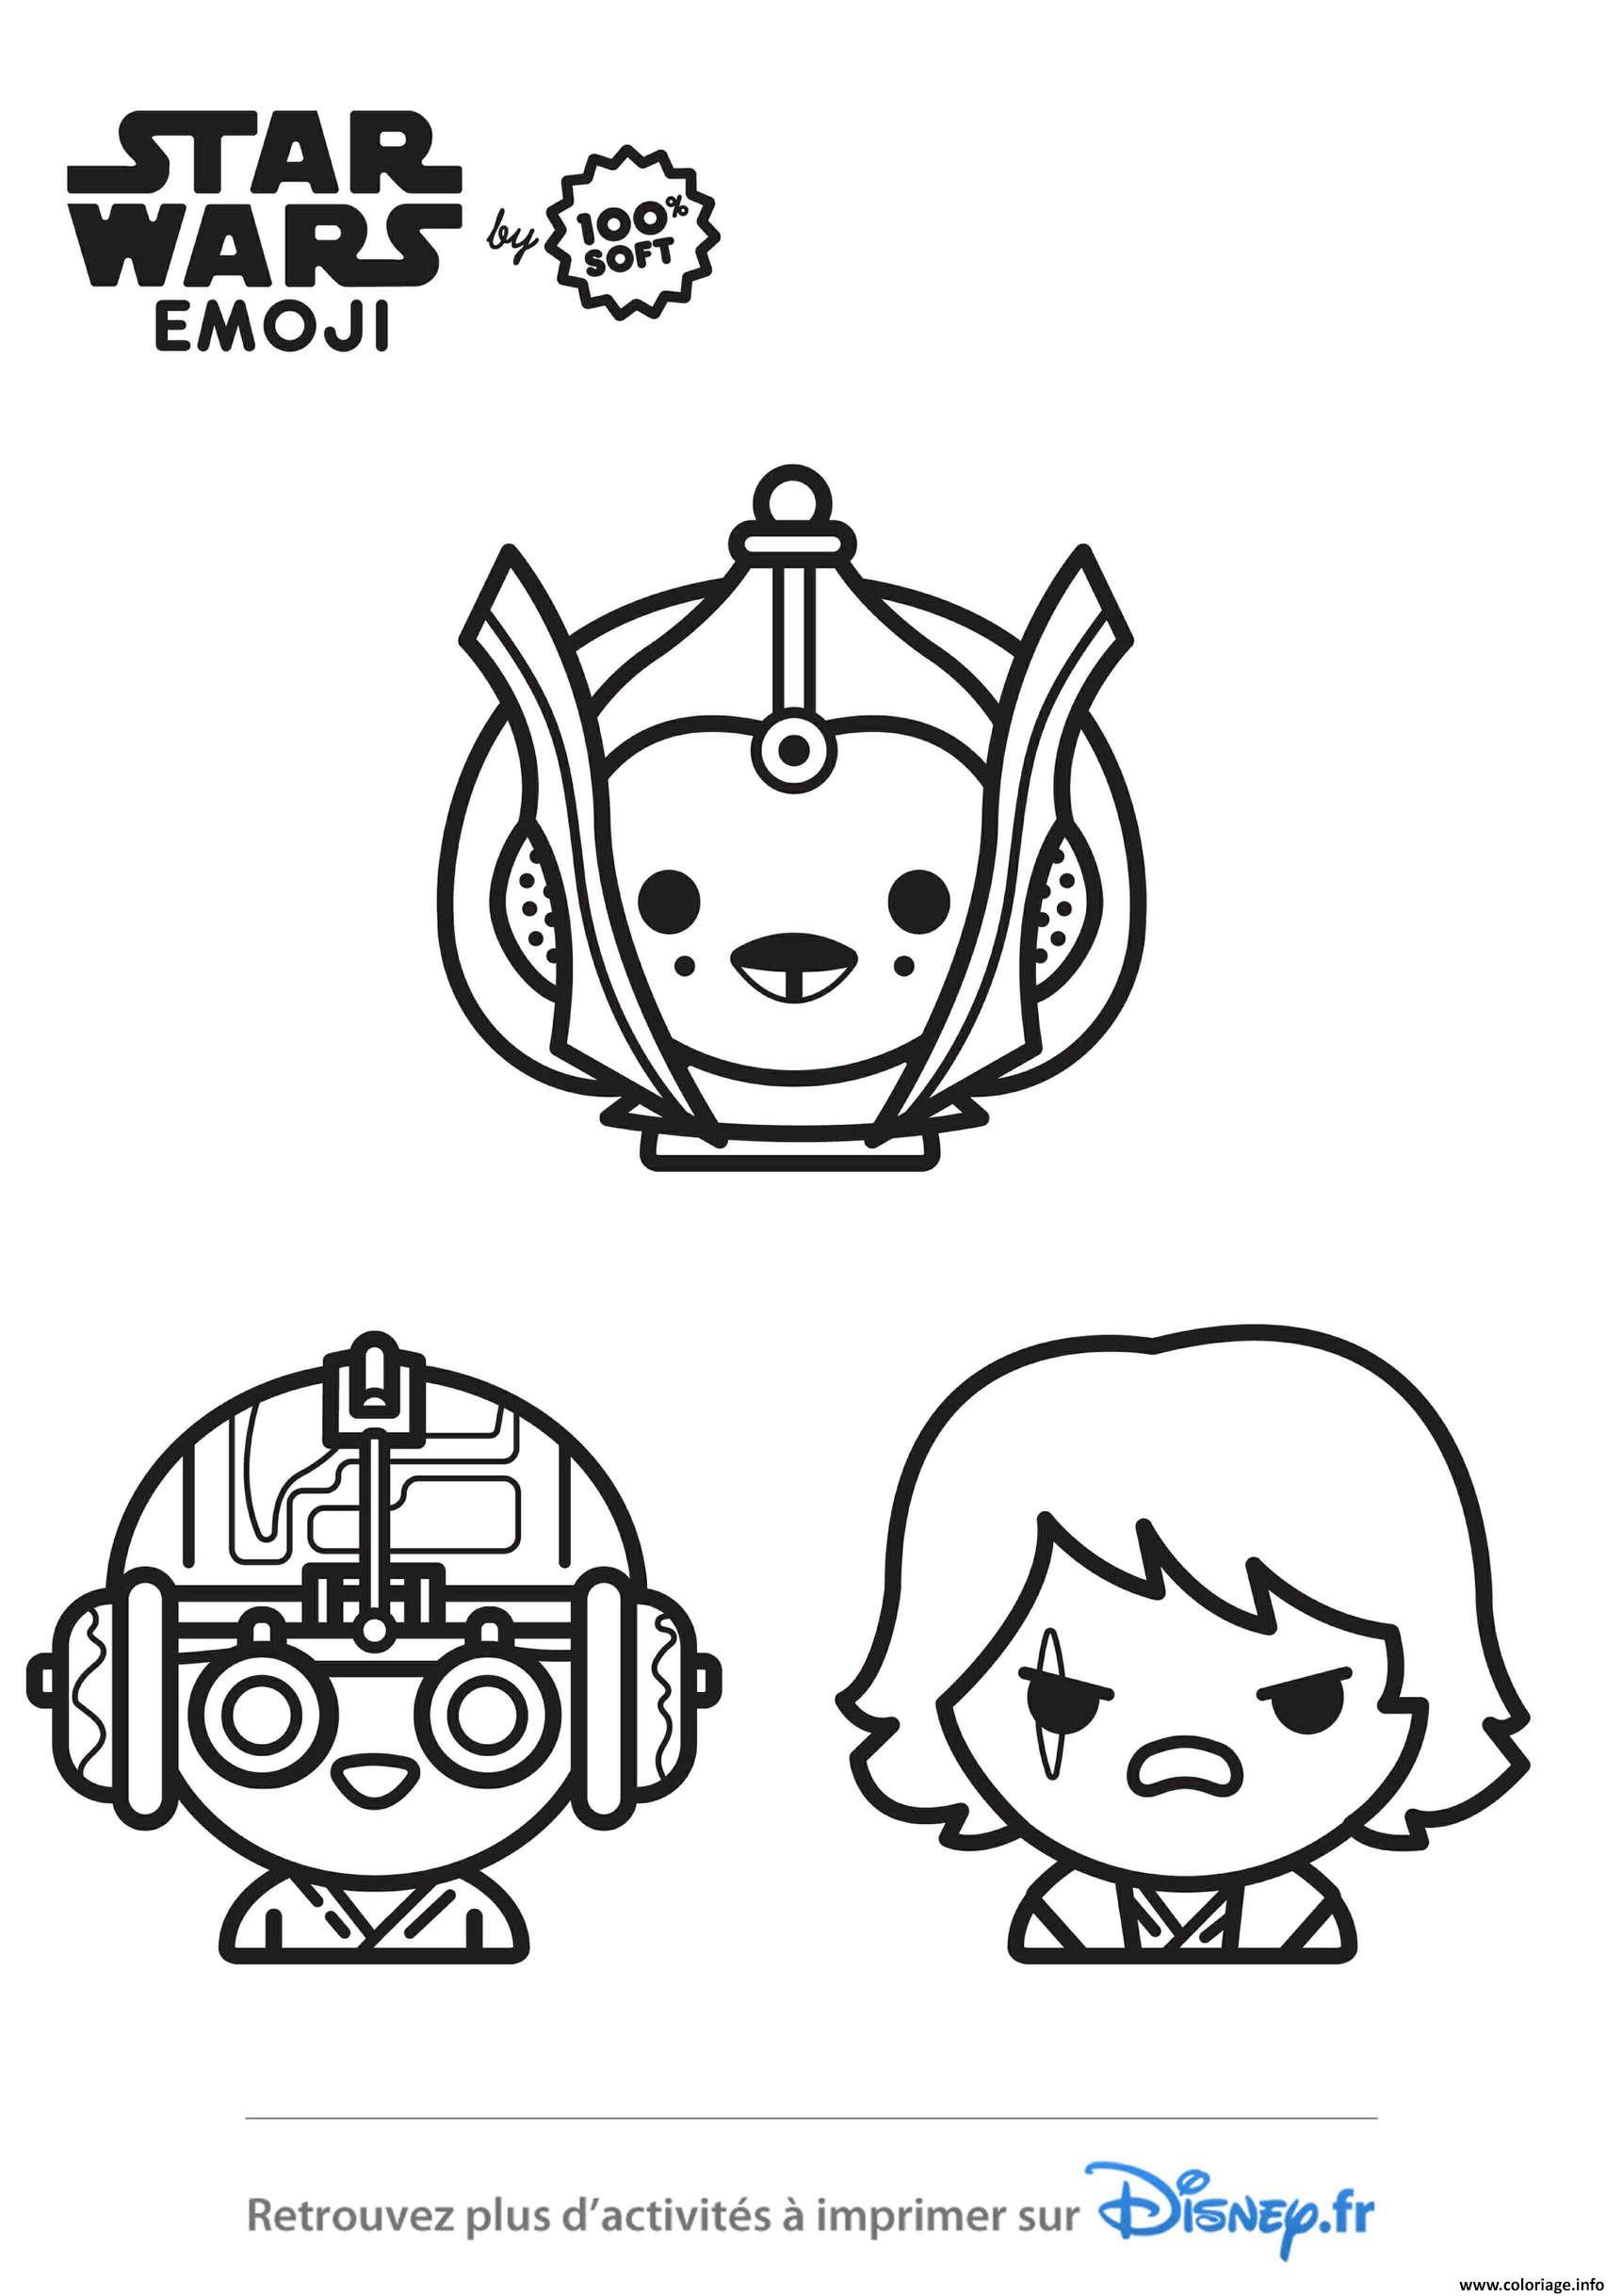 dessin star wars - Les dessins et coloriage